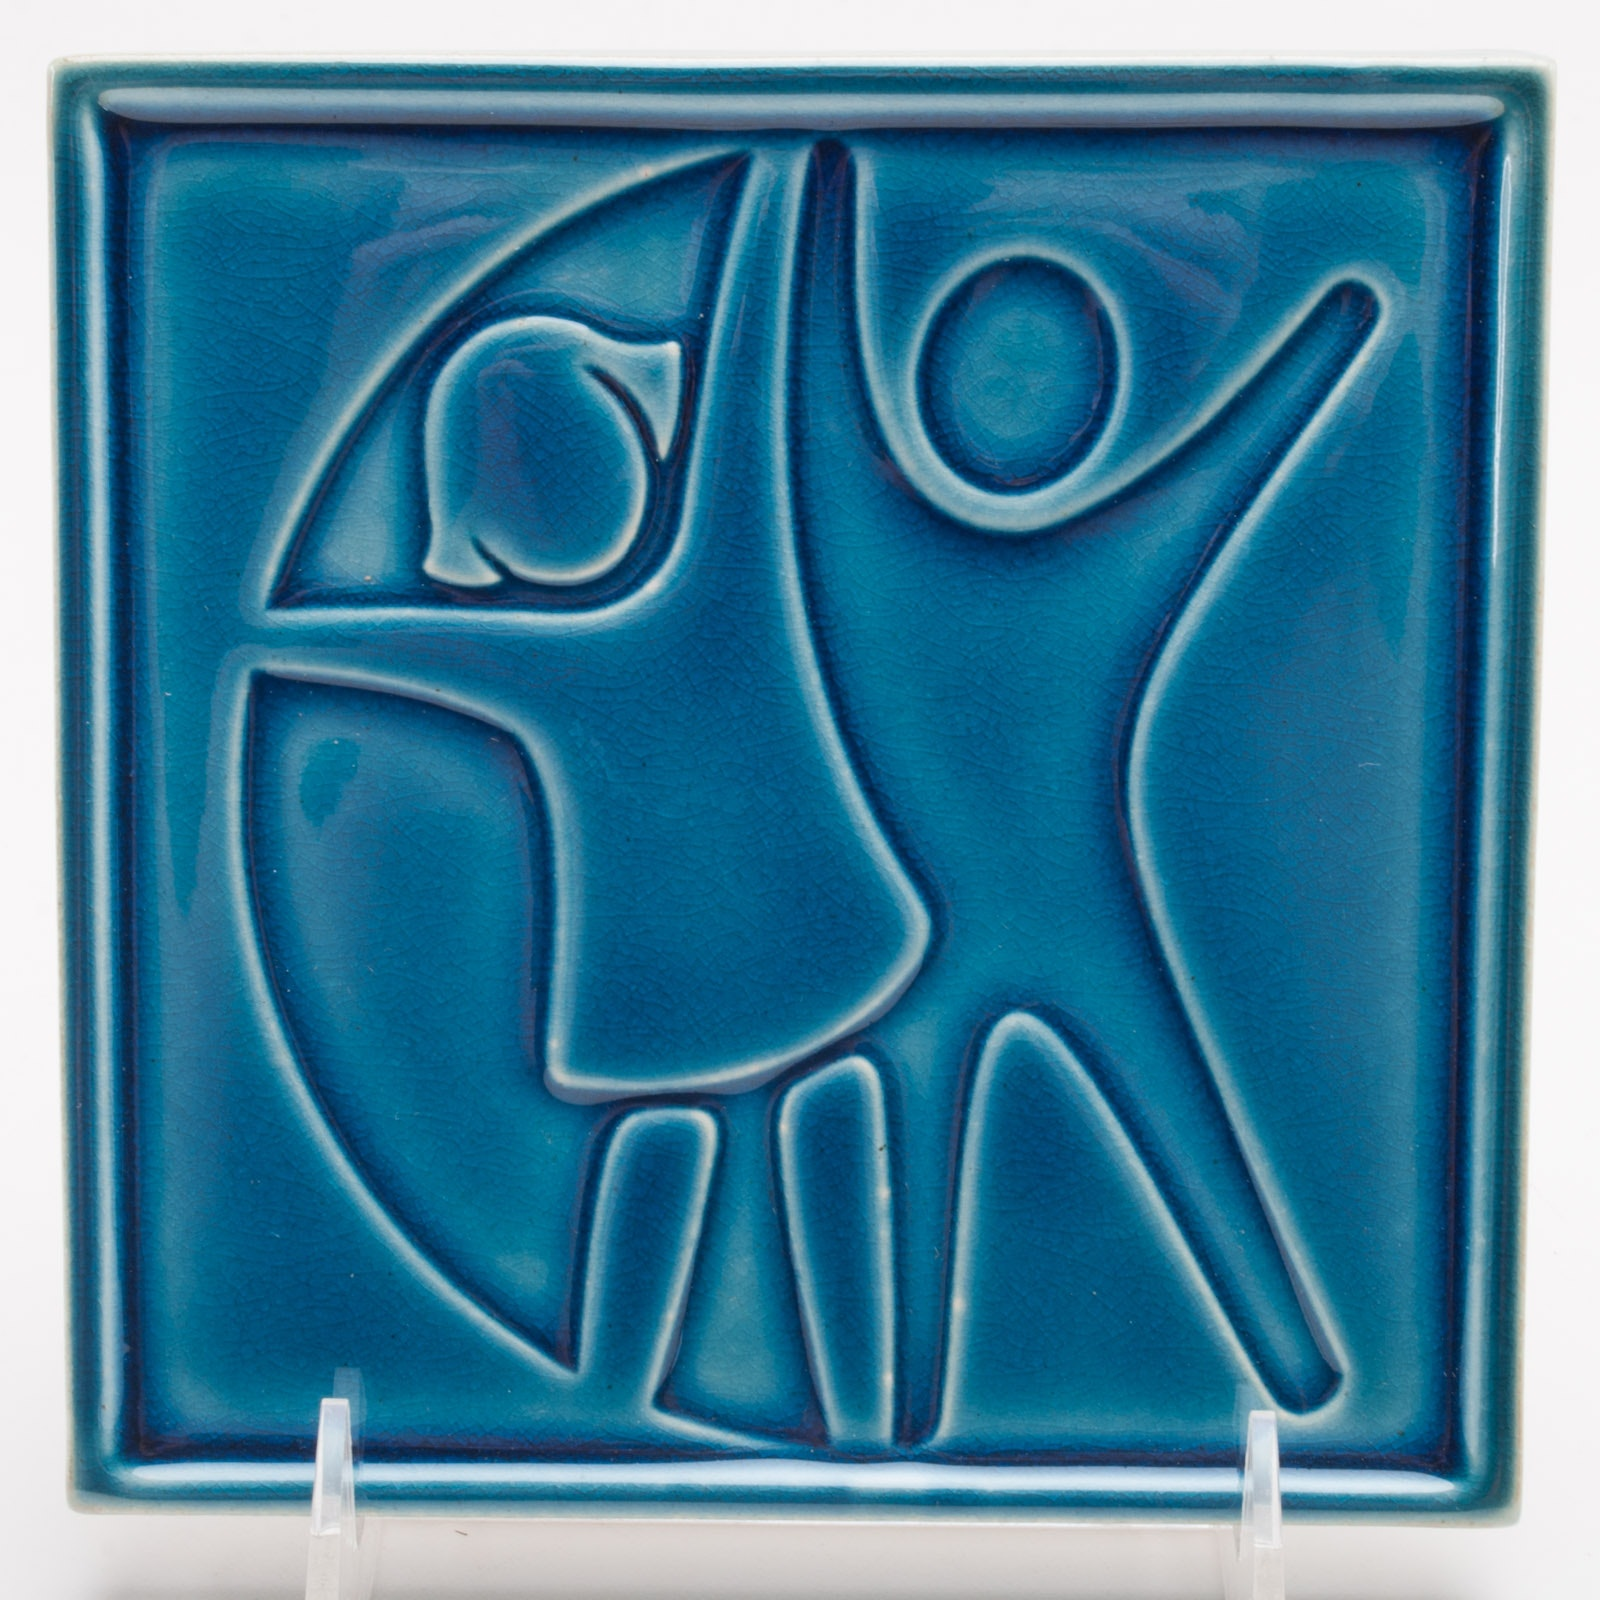 Rookwood Pottery Cincinnati Children's Hospital Medical Center Tile